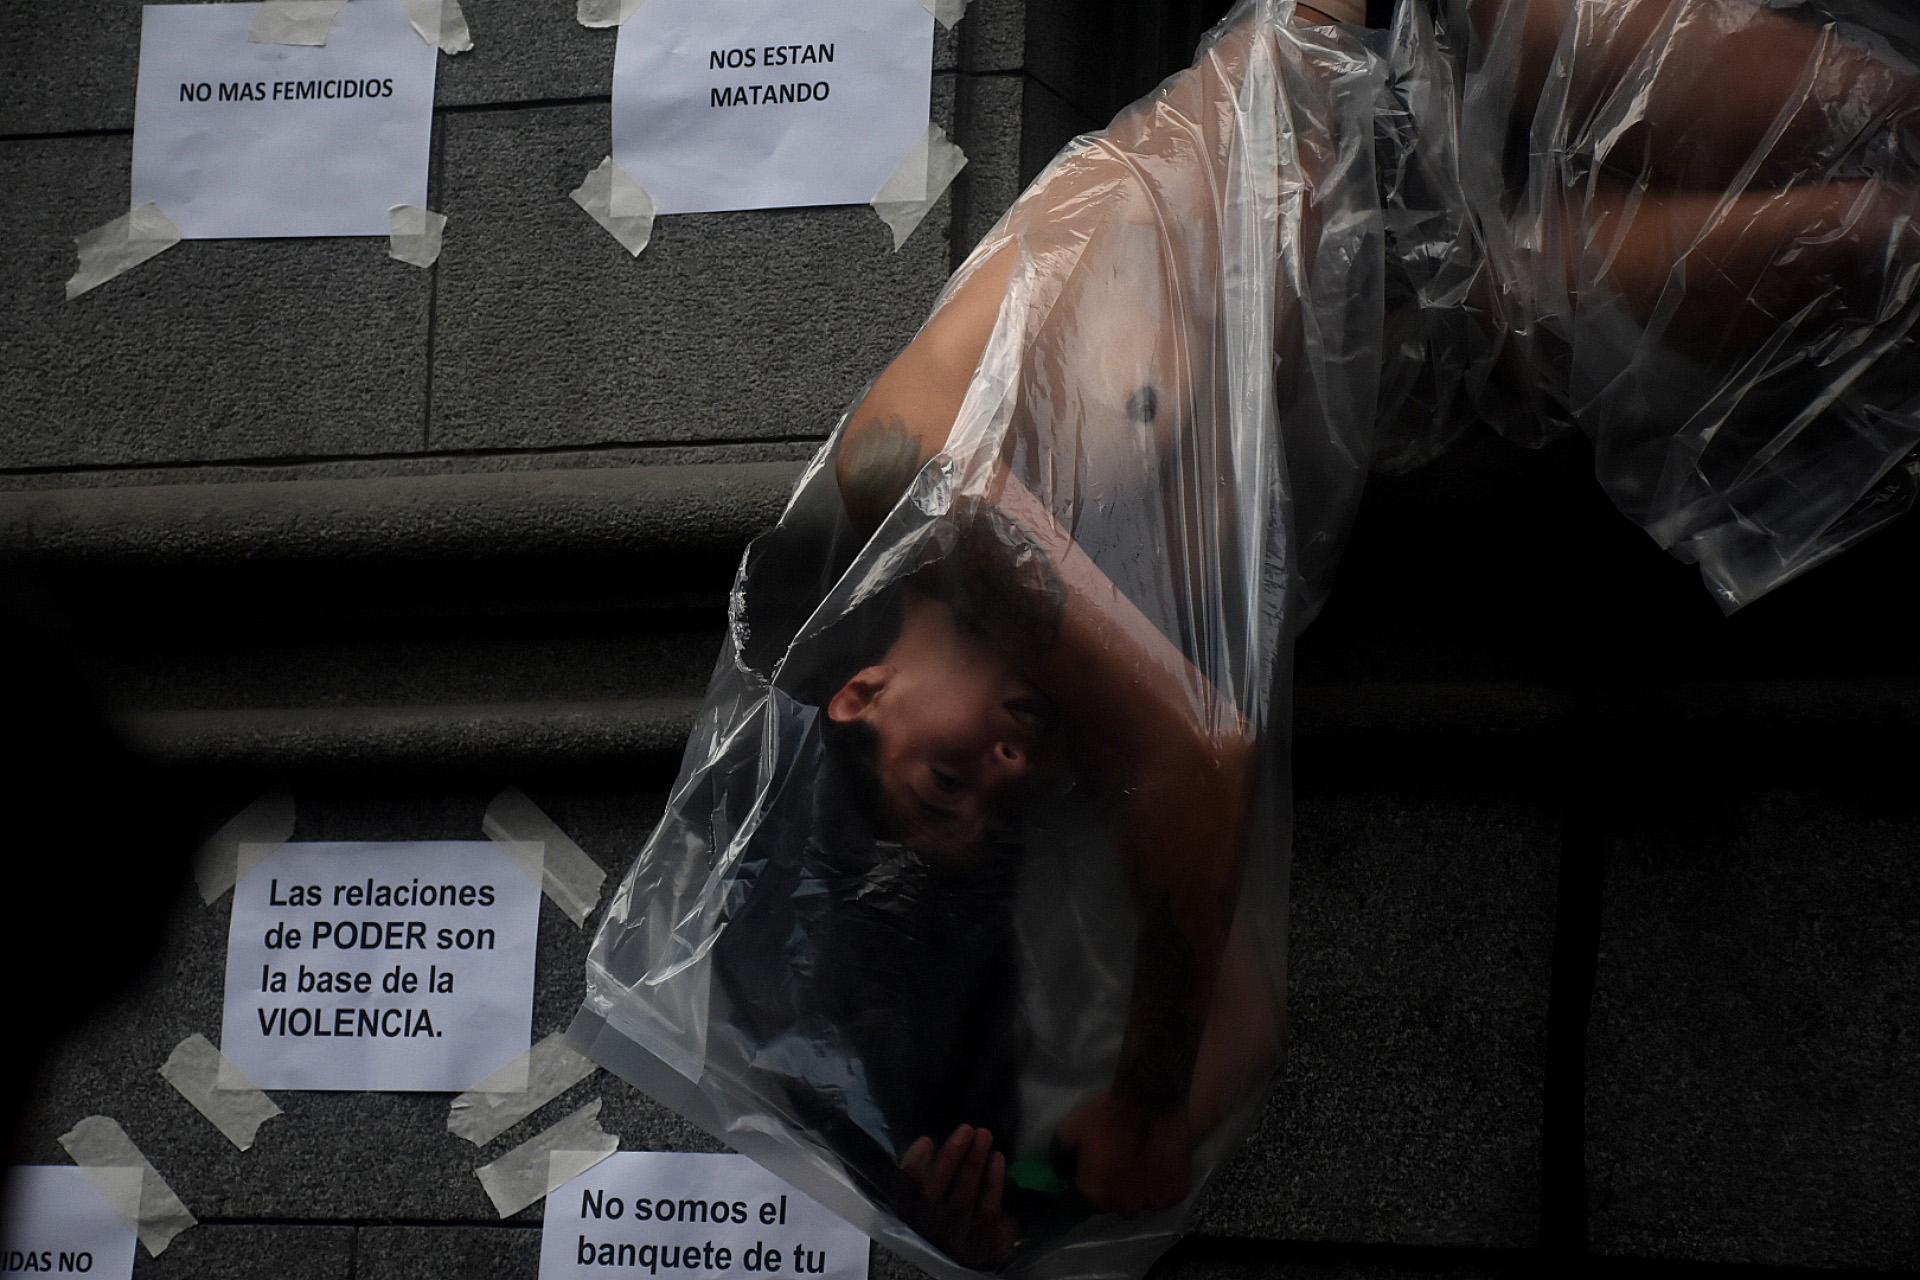 Durante el recorrido hubo diversas expresiones artísticas paraprotestar contra los femicidios en la Argentina